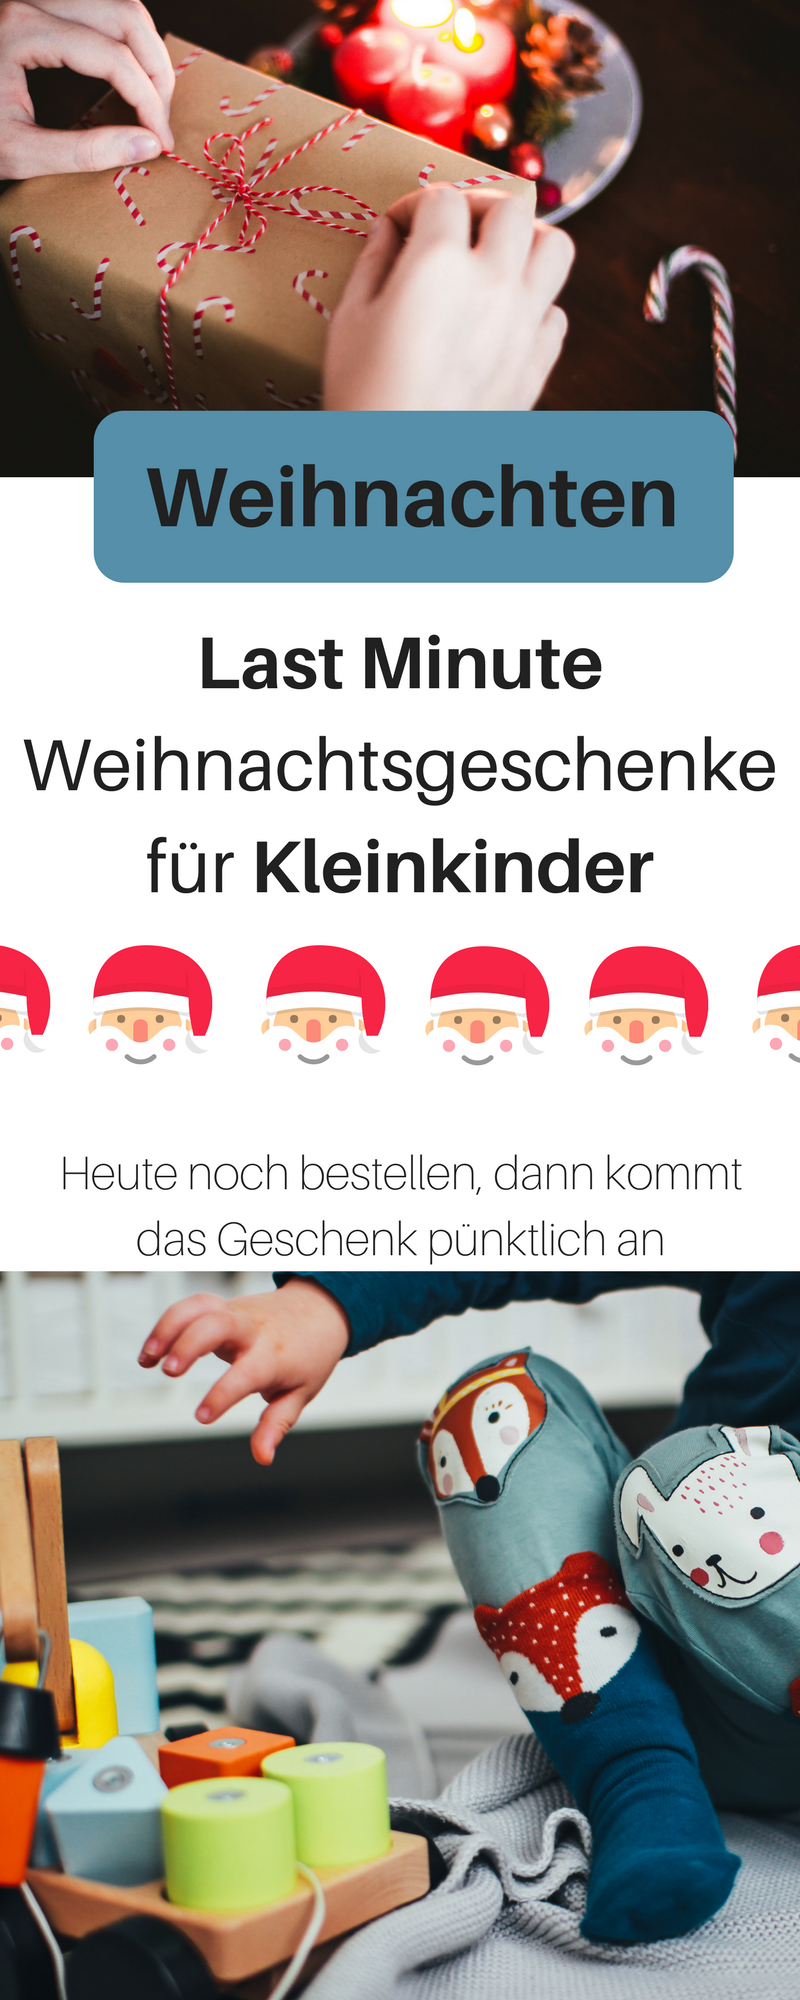 Sinnvolle Weihnachtsgeschenke für Kleinkinder zwischen 1-3 Jahren